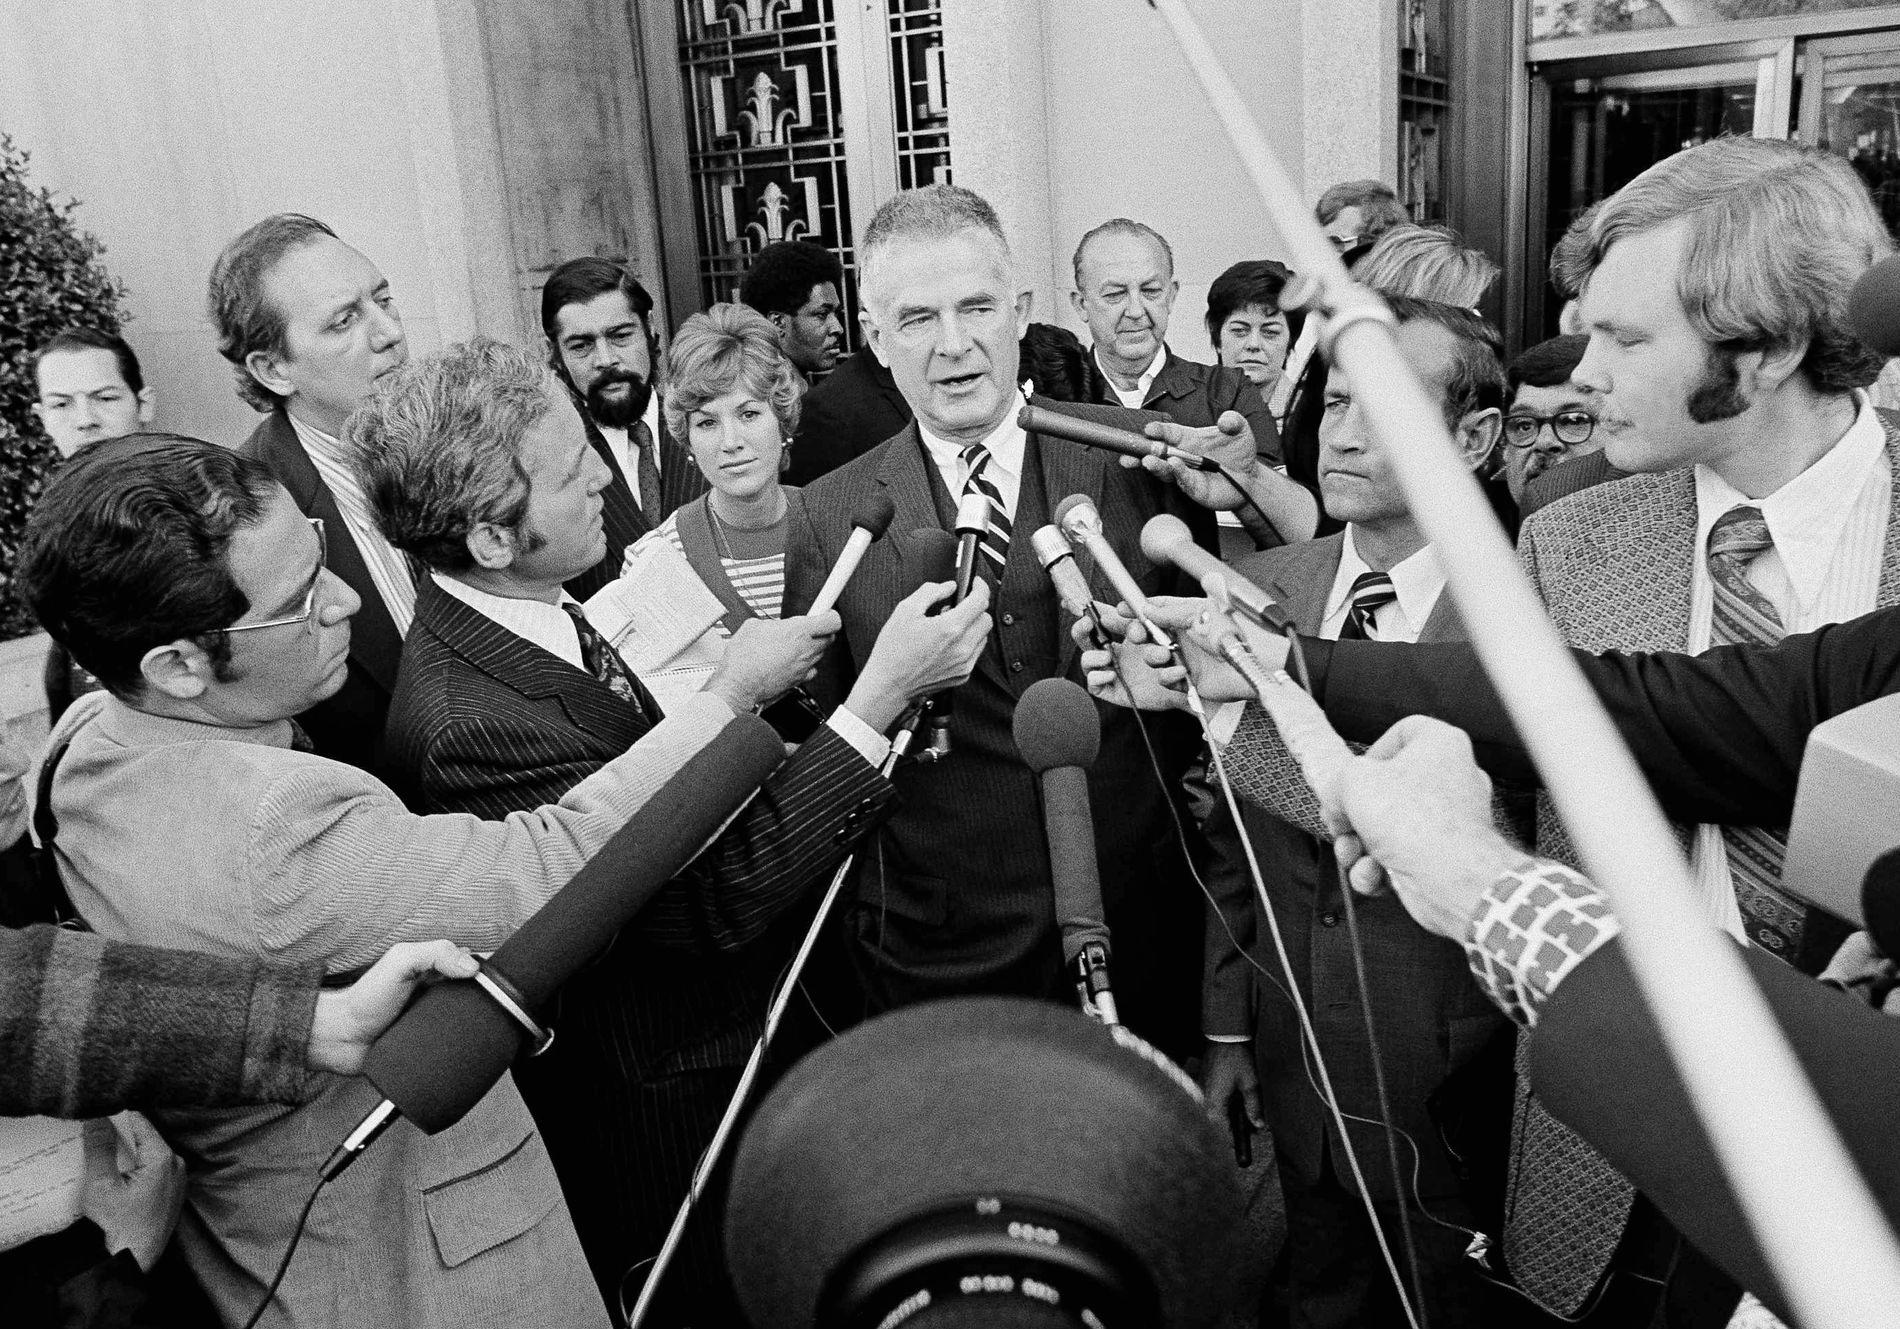 FIKK SPARKEN: Spesialetterforsker av Watergate-saken, Archibald Cox, fikk sparken av daværende president Richard Nixon. Nå drar flere paralleller mellom den saken og Trumps sparking av FBI-sjef James Comey.